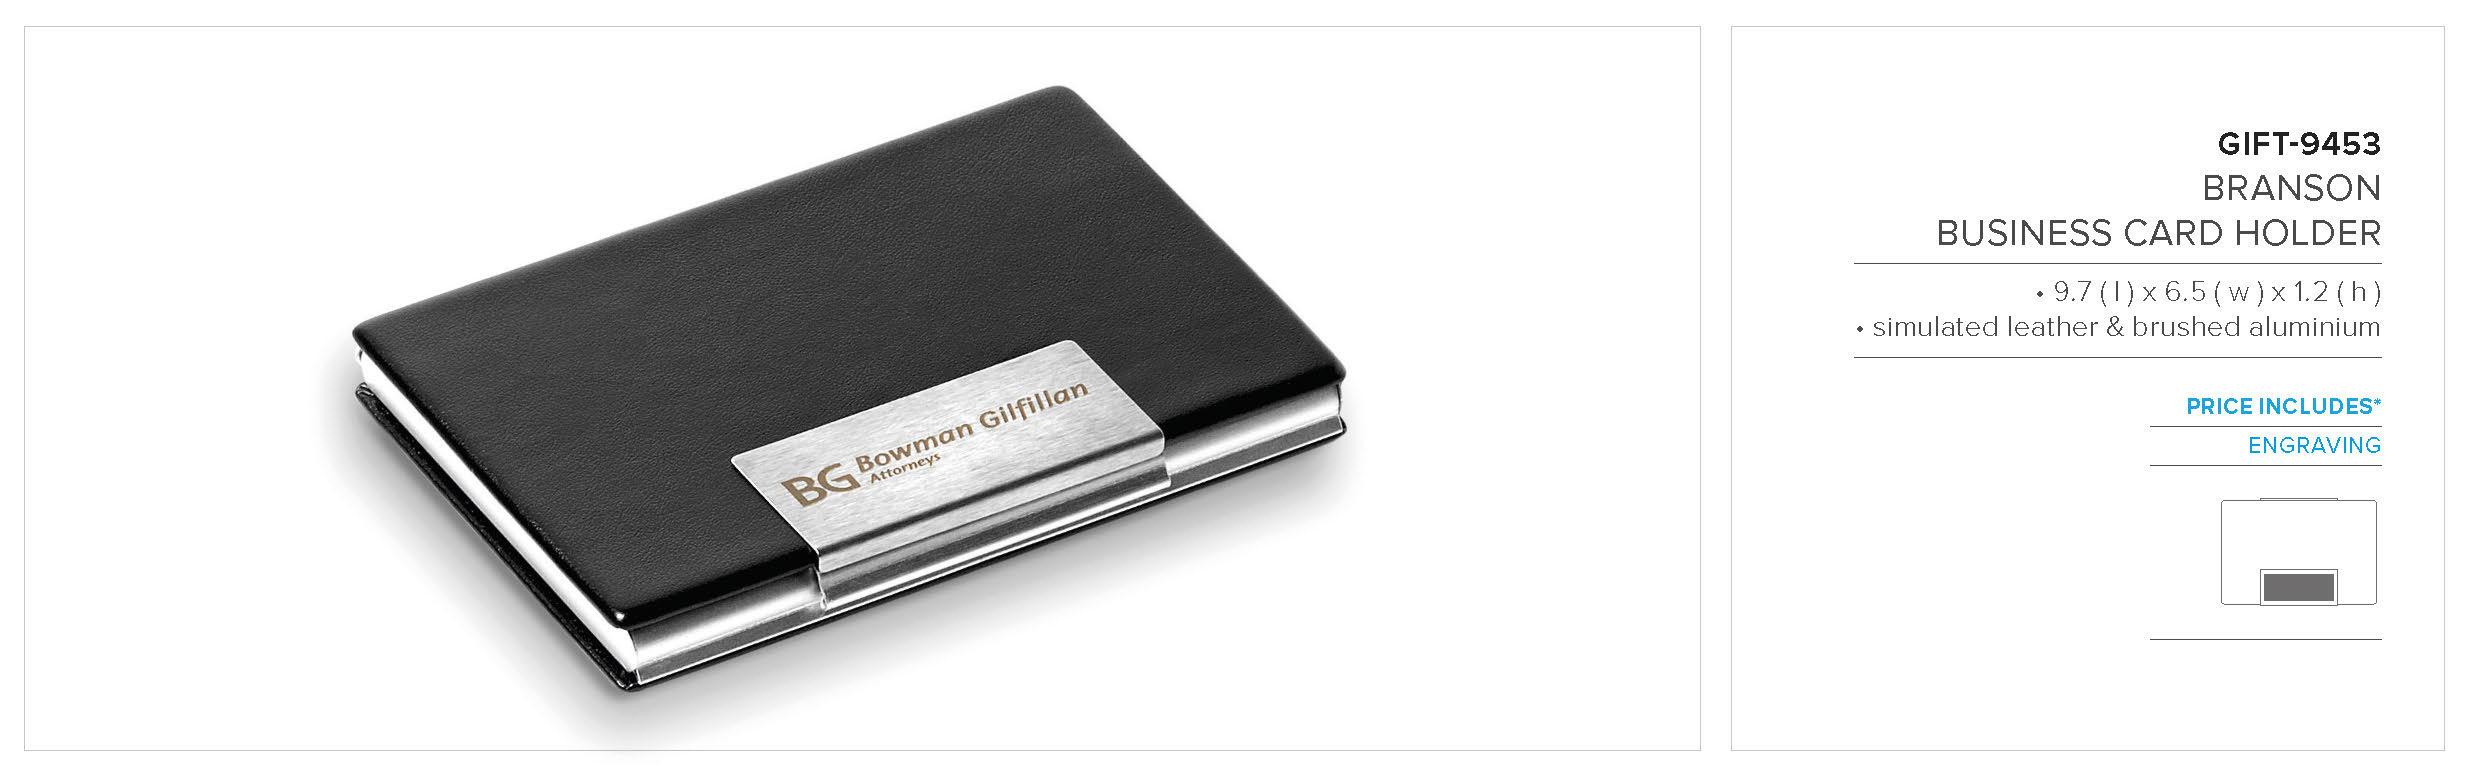 Branson Business Card Holder | GIFT-9453